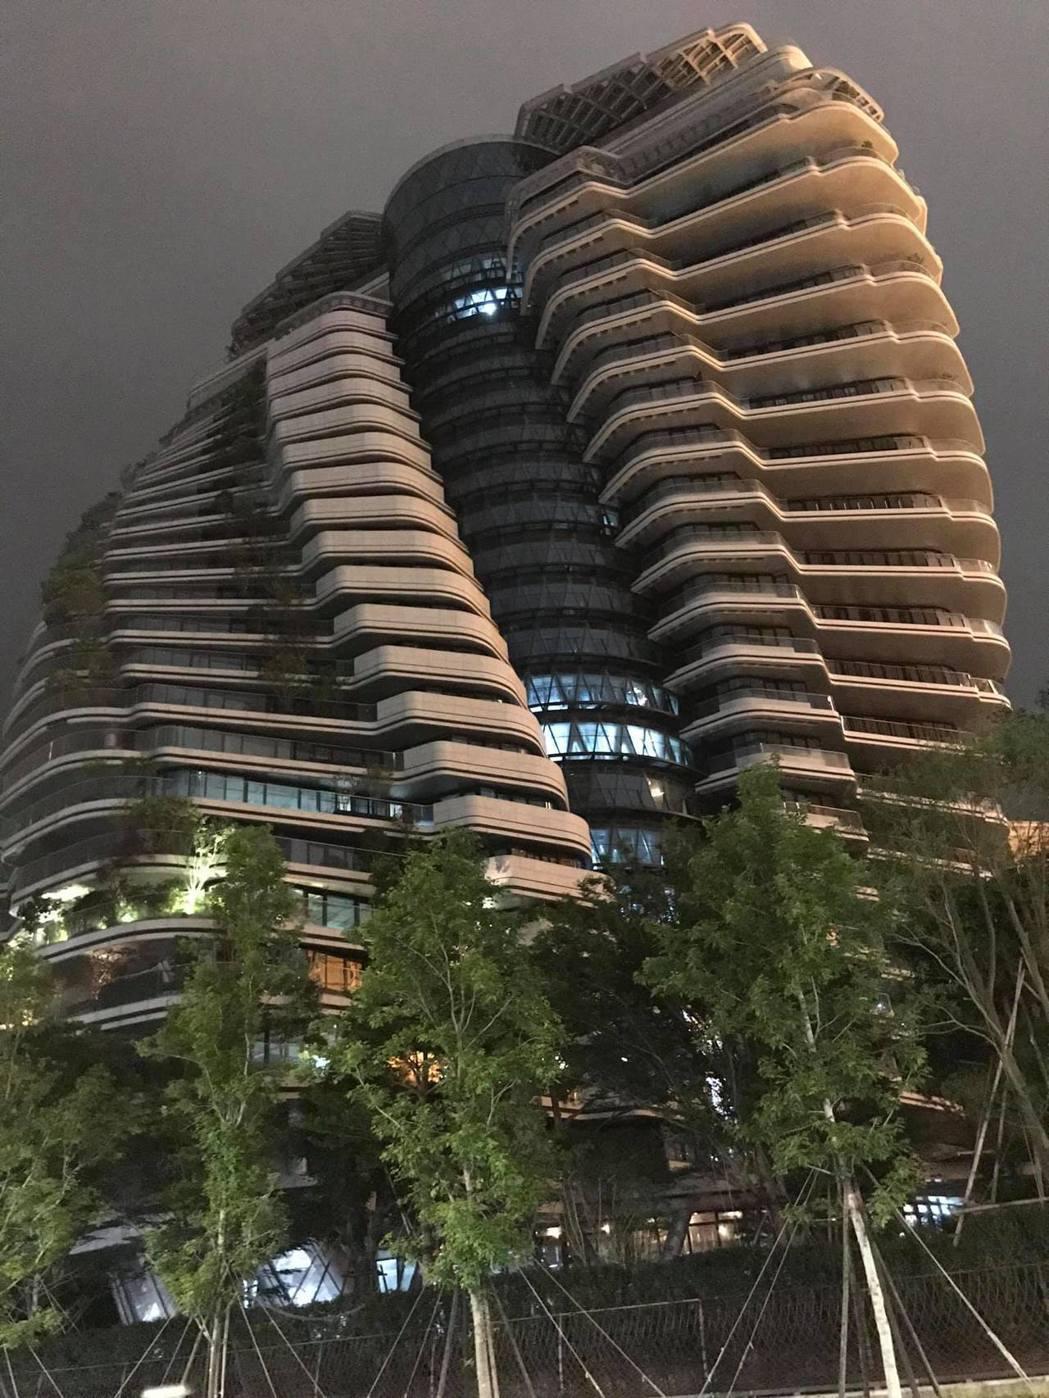 一名網友晚上經過時發現,陶朱隱園的低樓層屋內有亮燈,於是就向廣大網友問道「這棟億...